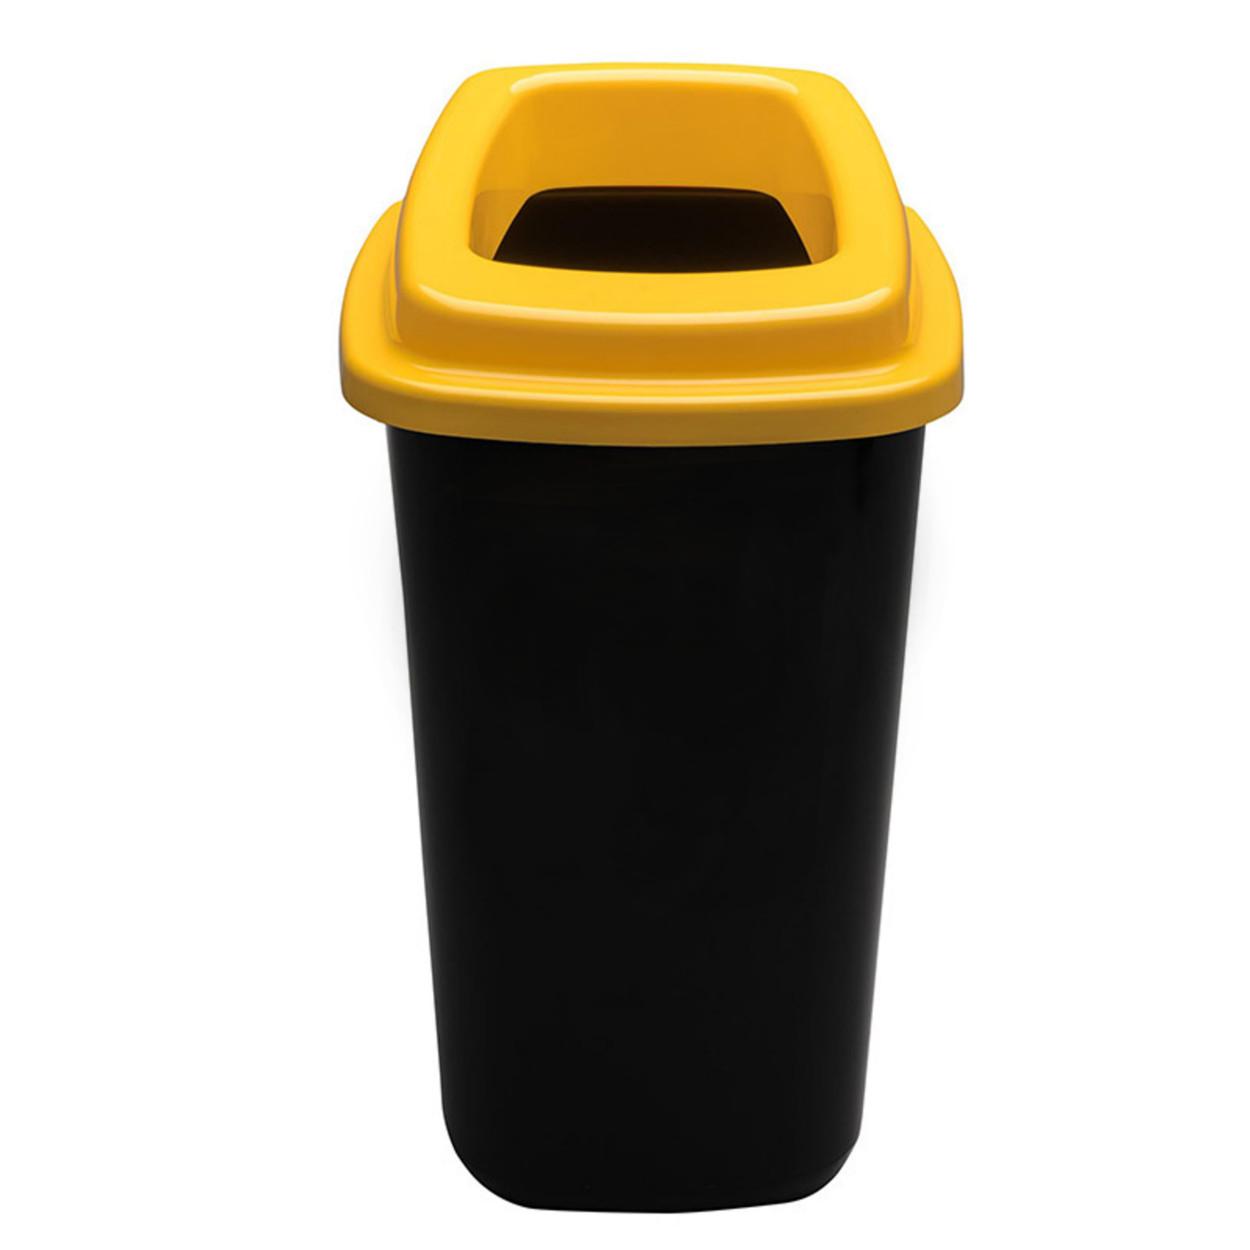 Plastikowy kosz do segregacji śmieci, 90 l, żółty